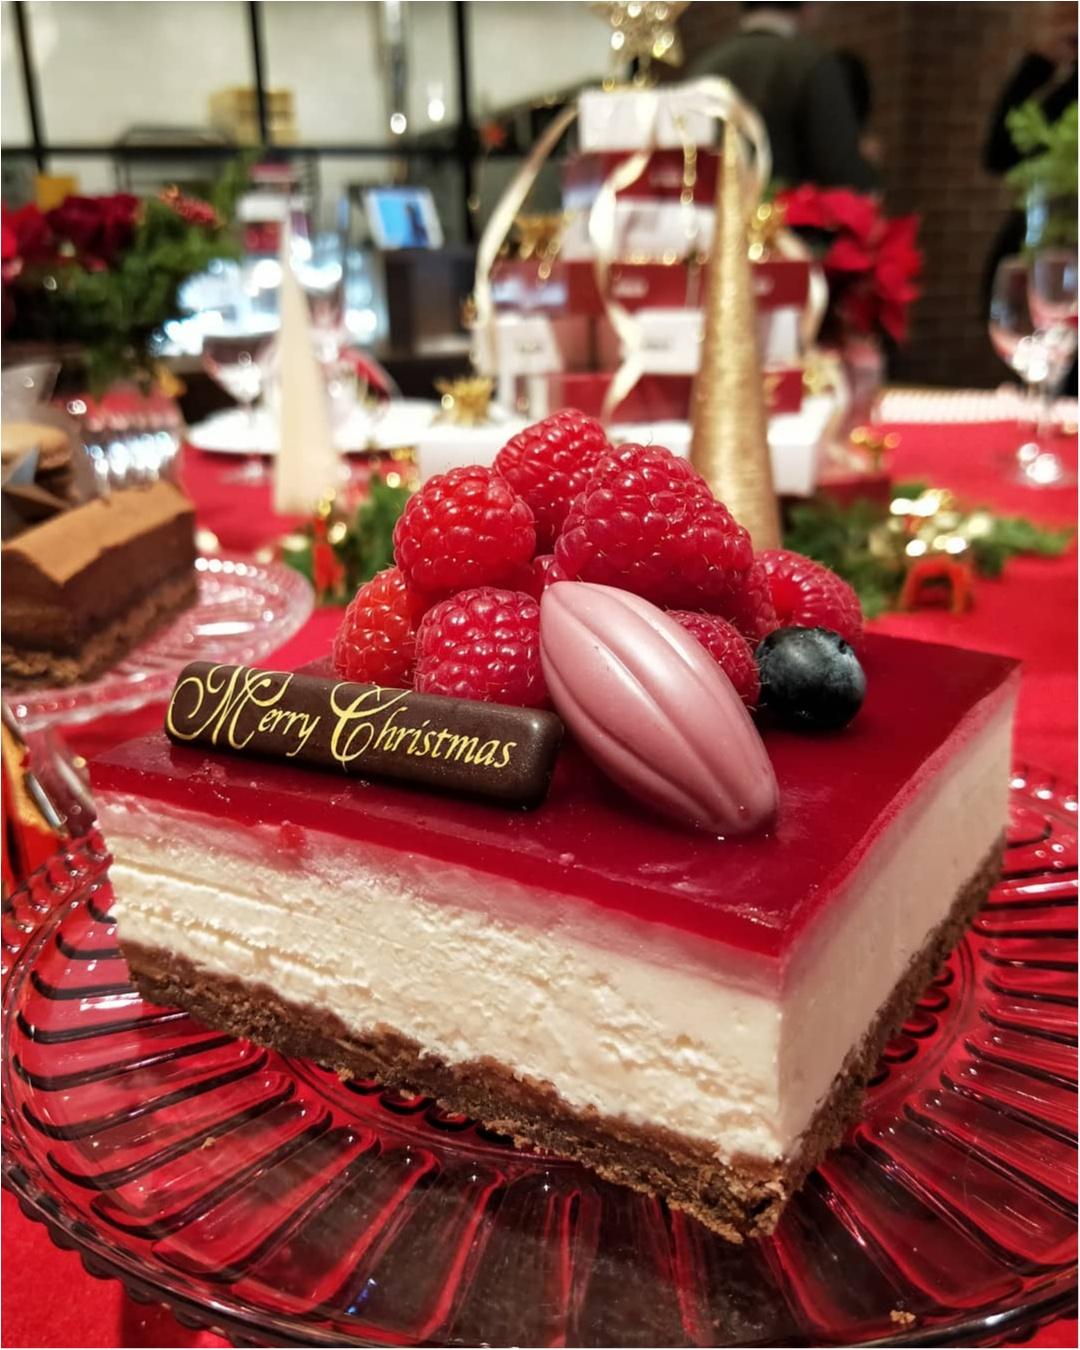 横浜チョコレート専門店「バニラビーンズ」のクリスマスケーキ試食会レポ♡_4